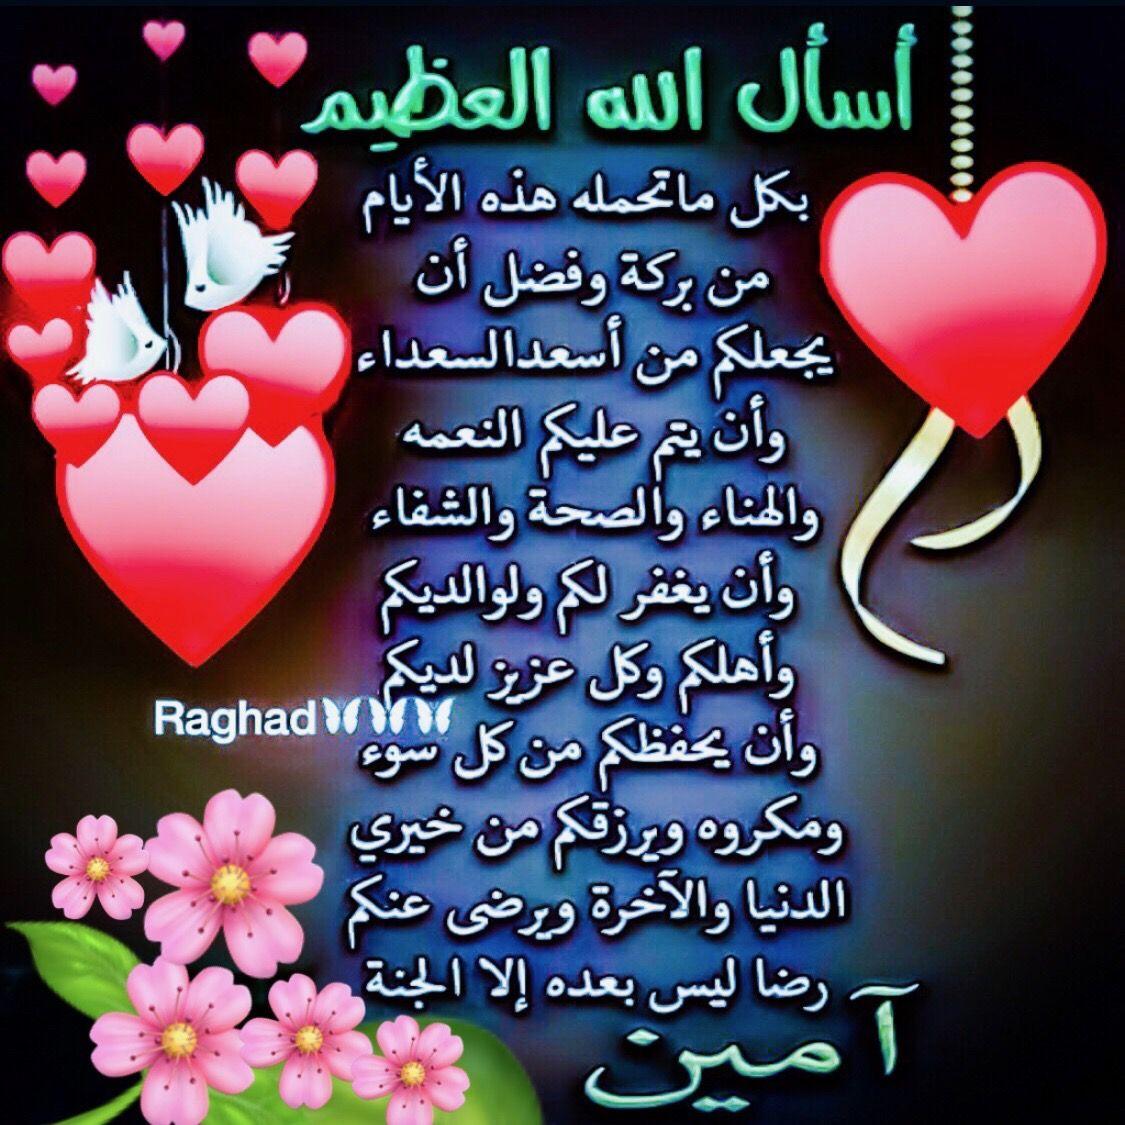 Desertrose اللهم آااامين Duaa Islam Islam Quran Allah